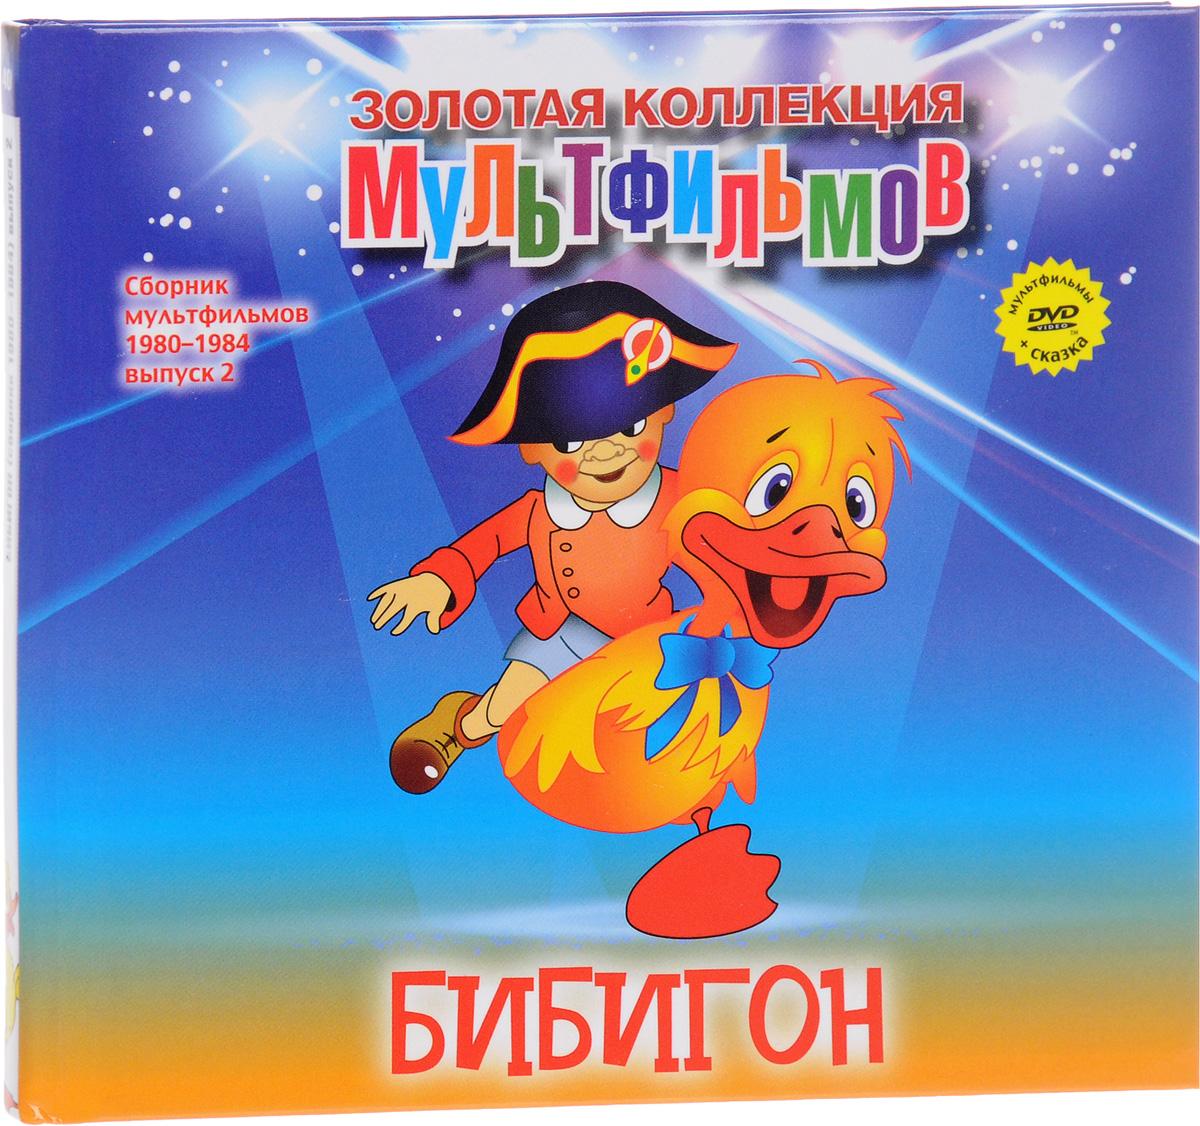 Сборник мультфильмов 1980-1984: Выпуск 2: Бибигон